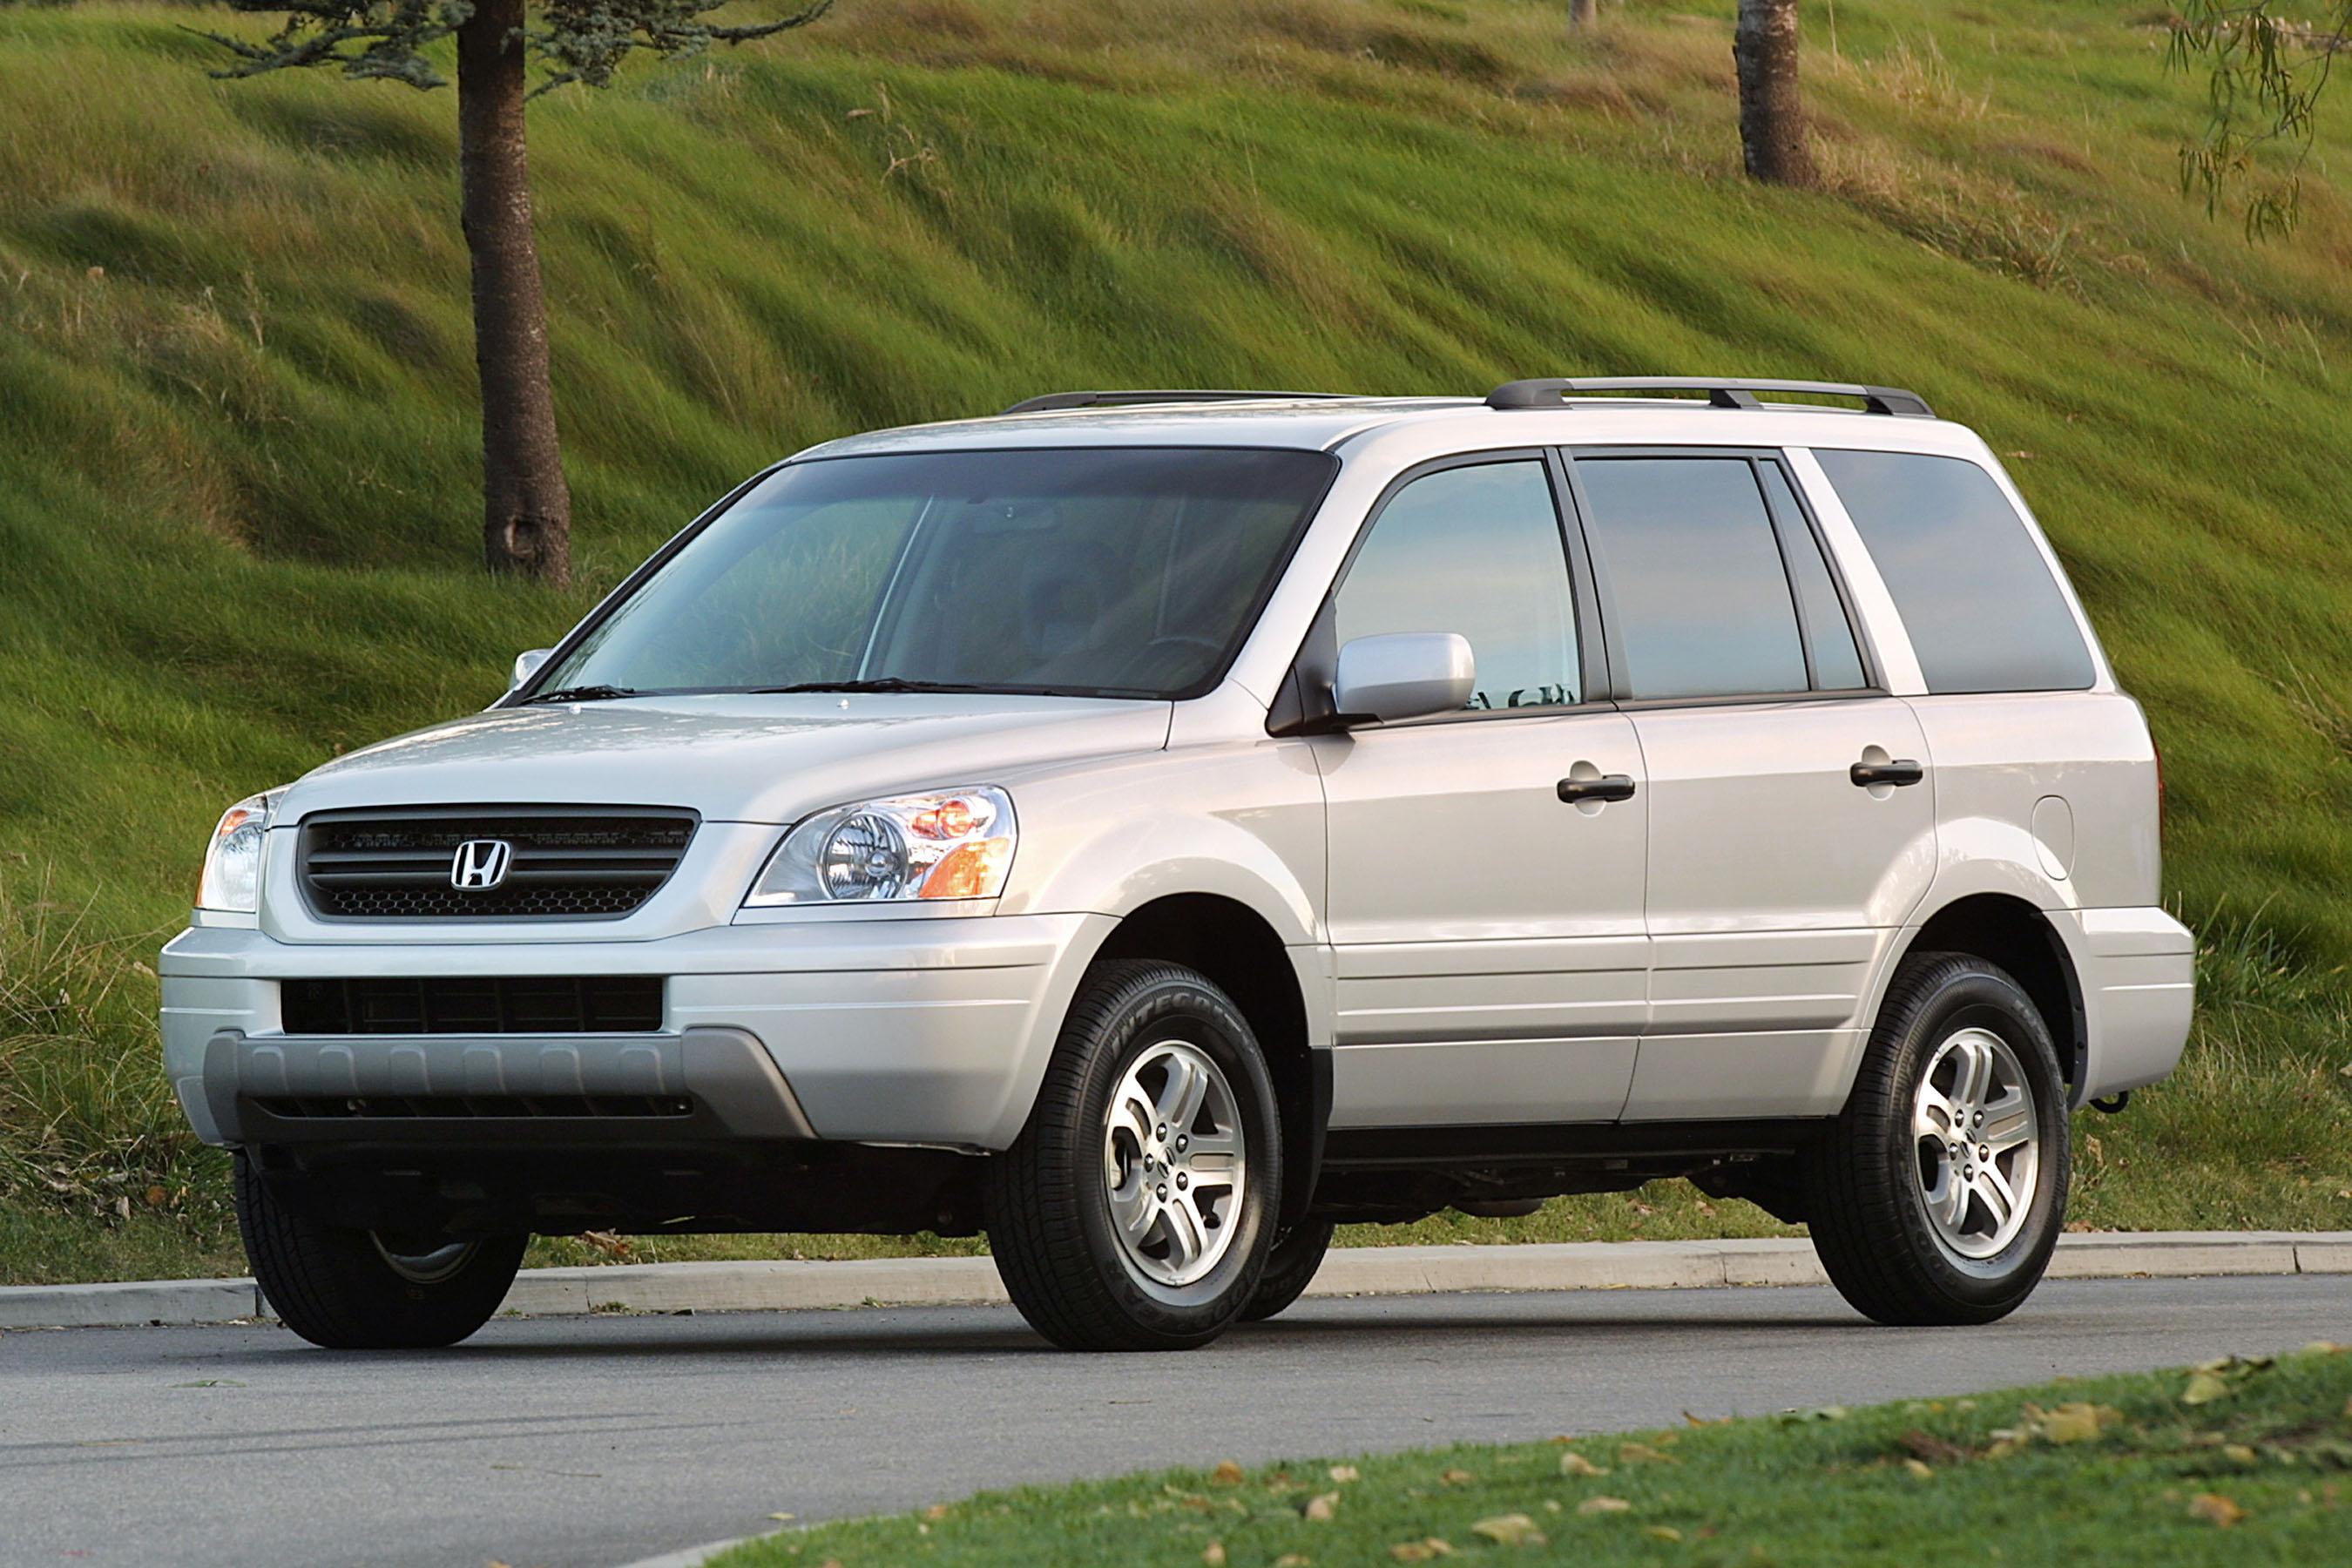 2003 Honda Pilot EX - HD Pictures @ carsinvasion.com